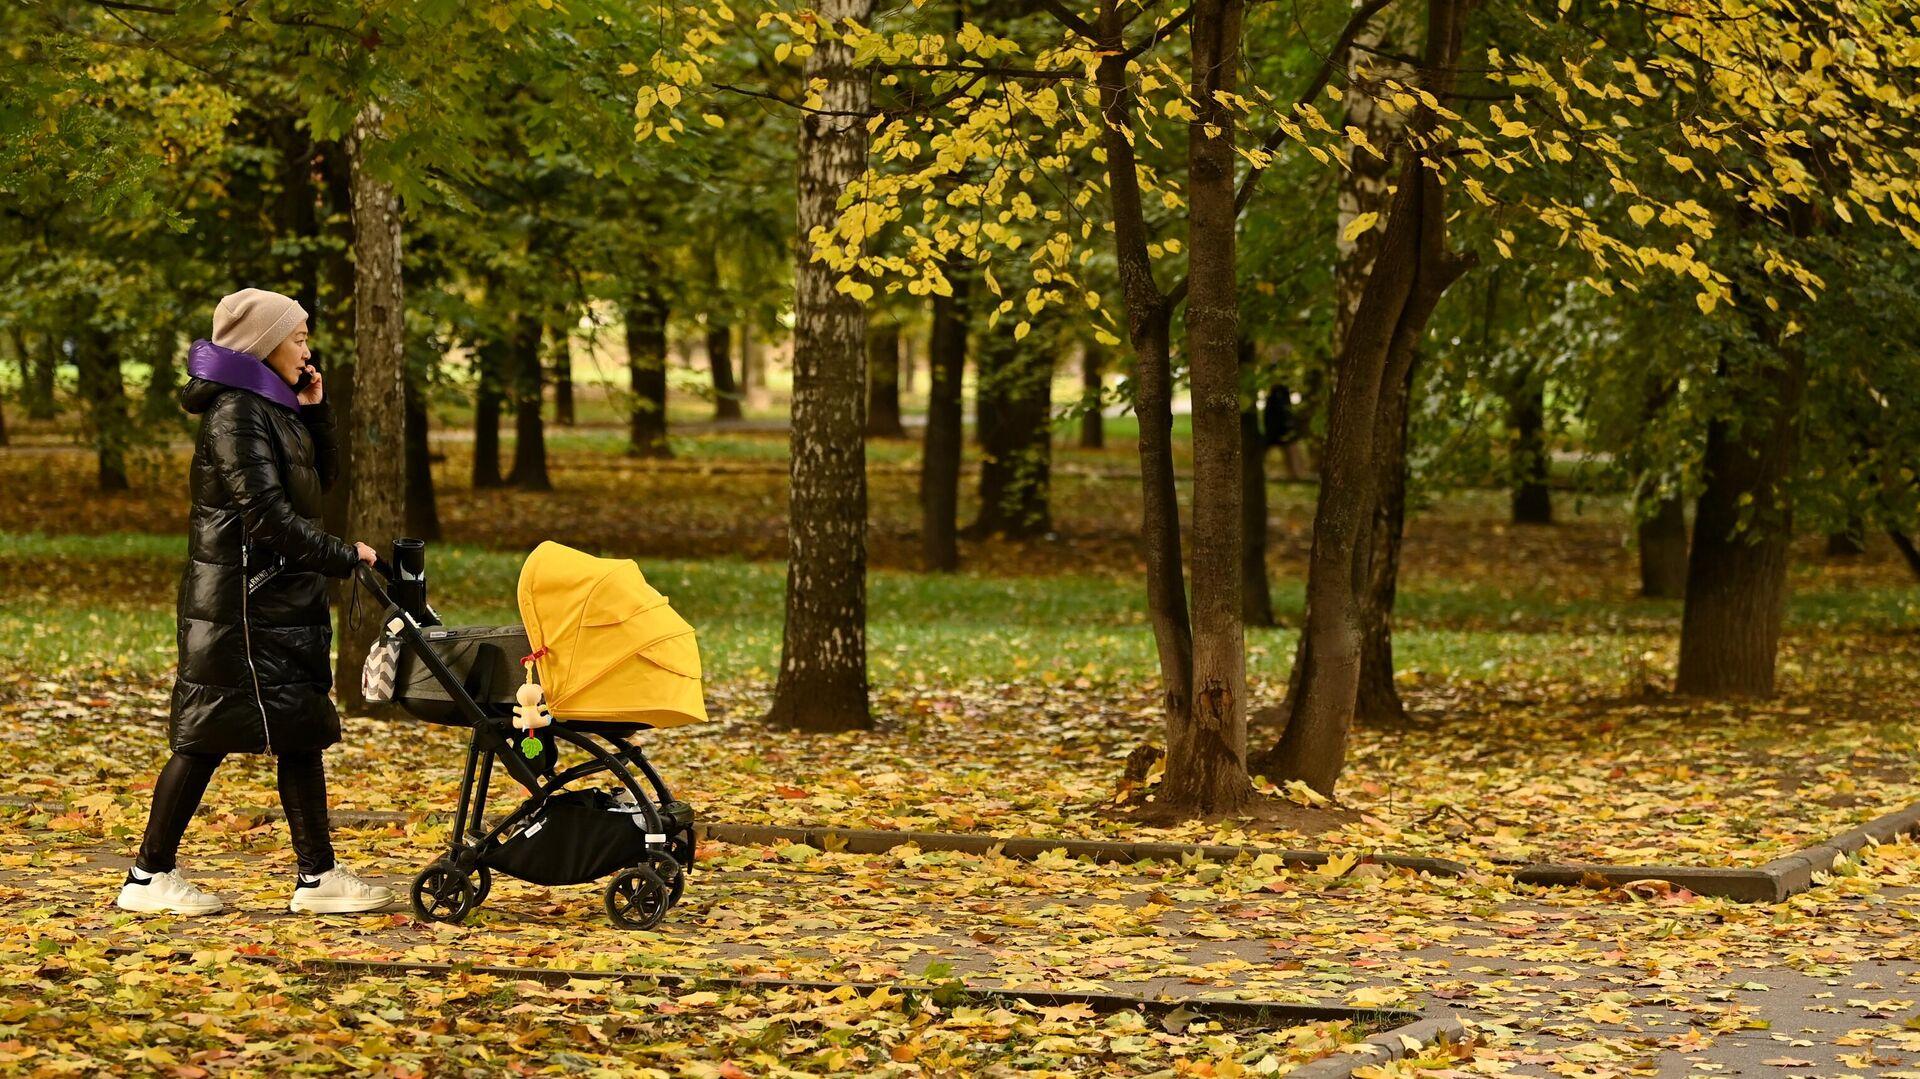 Женщина с коляской во время прогулки в парке Красная Пресня в Москве - РИА Новости, 1920, 06.10.2021